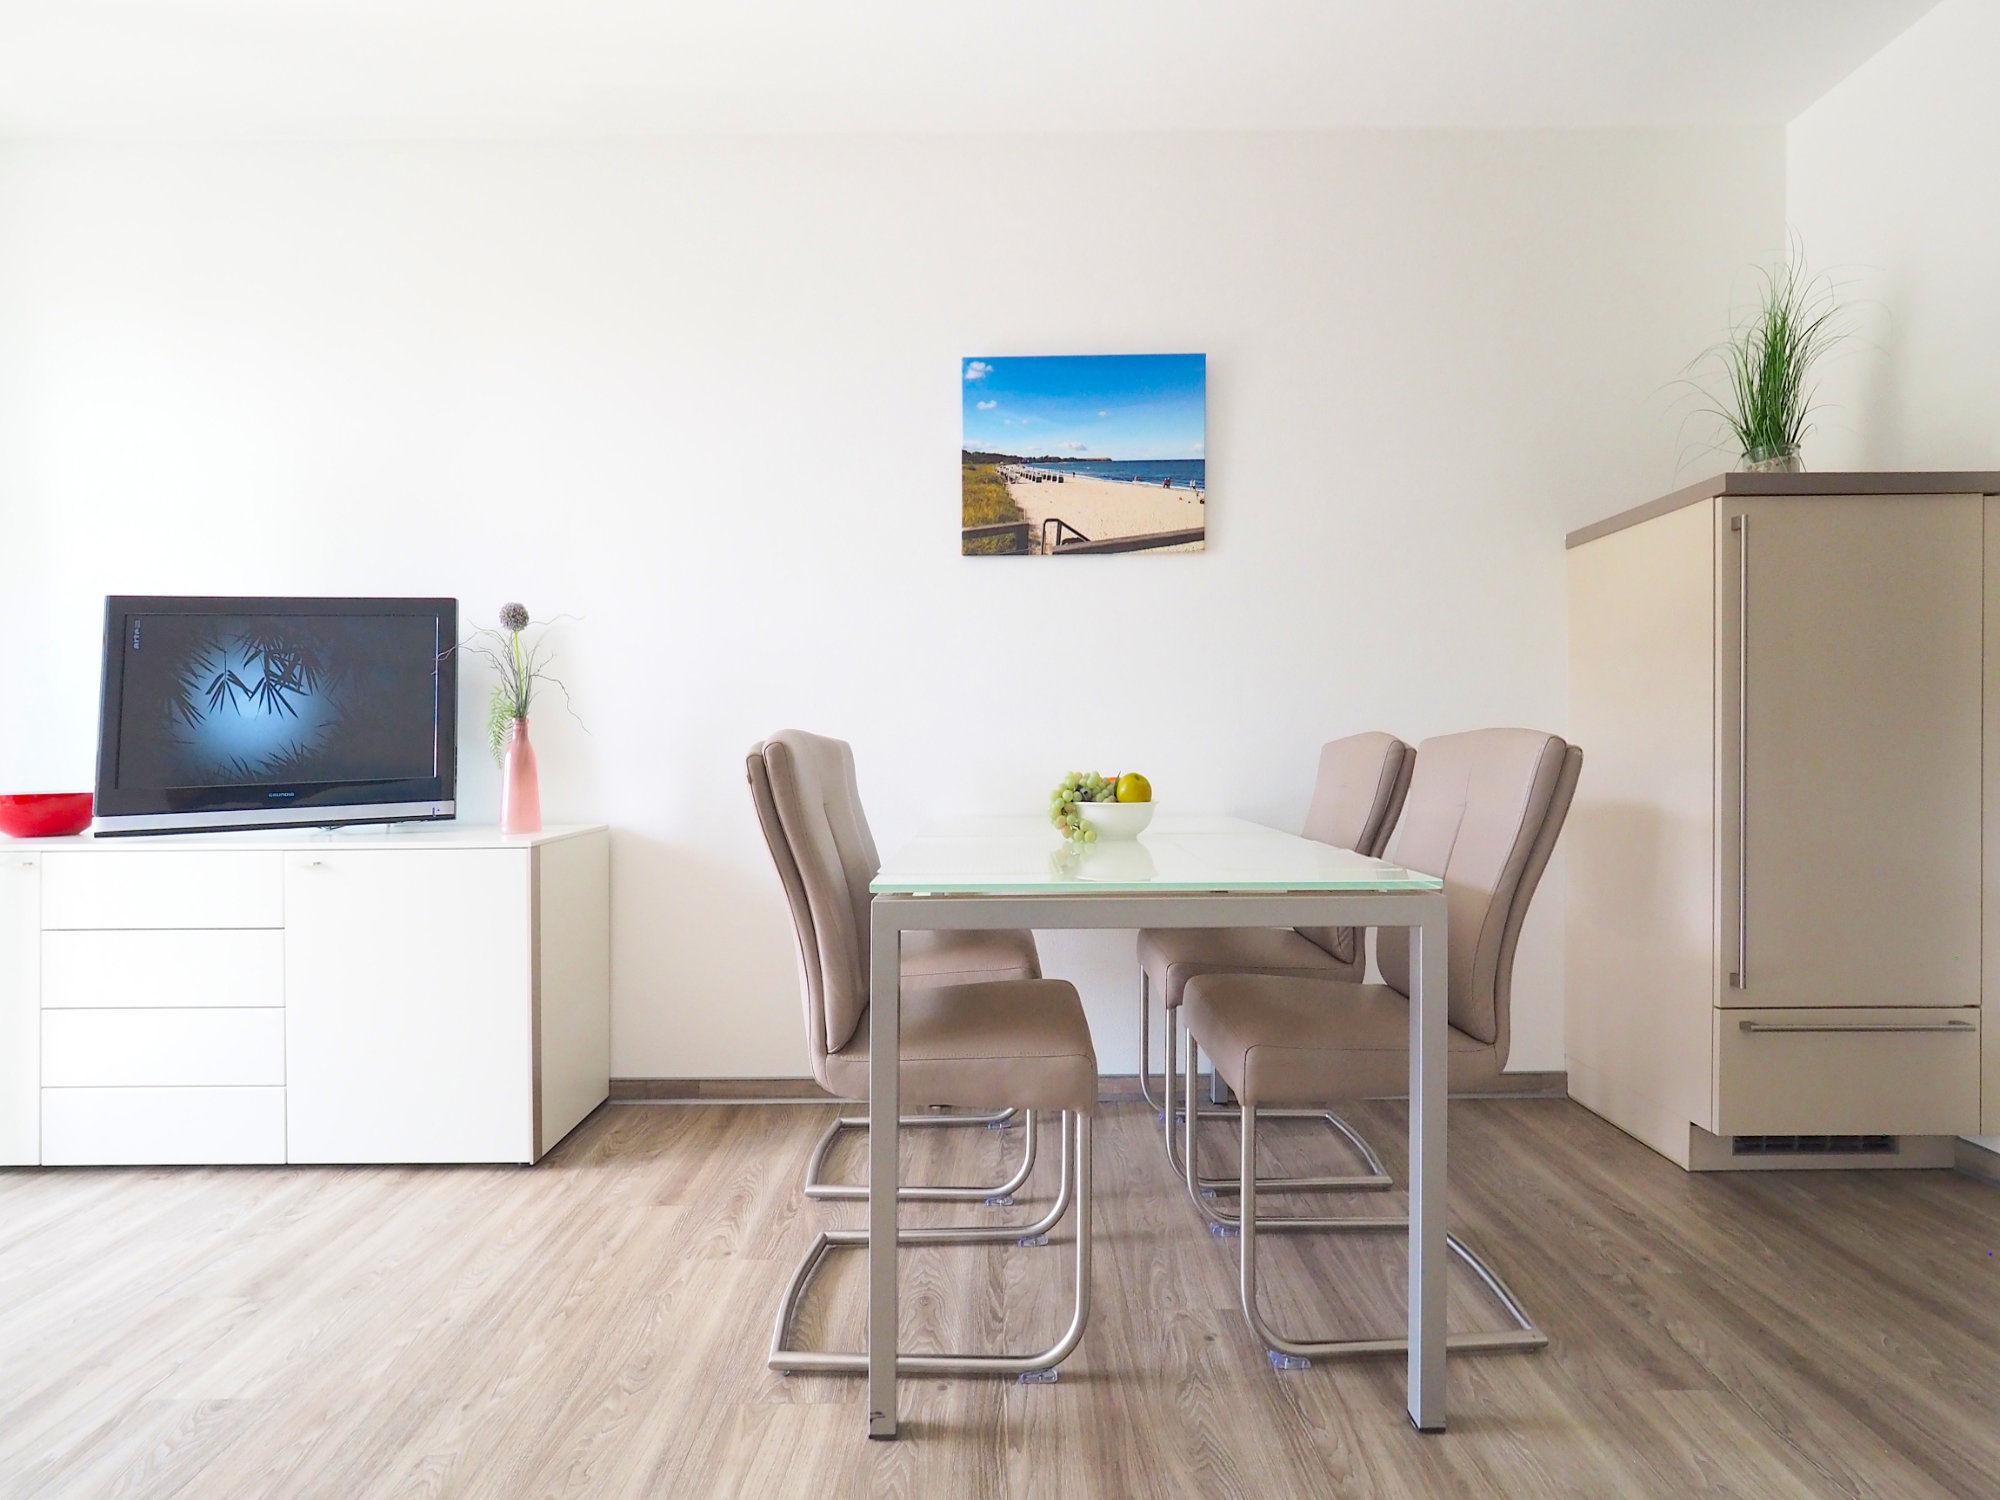 Esstisch mit vier Stühlen, Sideboard mit Flatscreen-TV